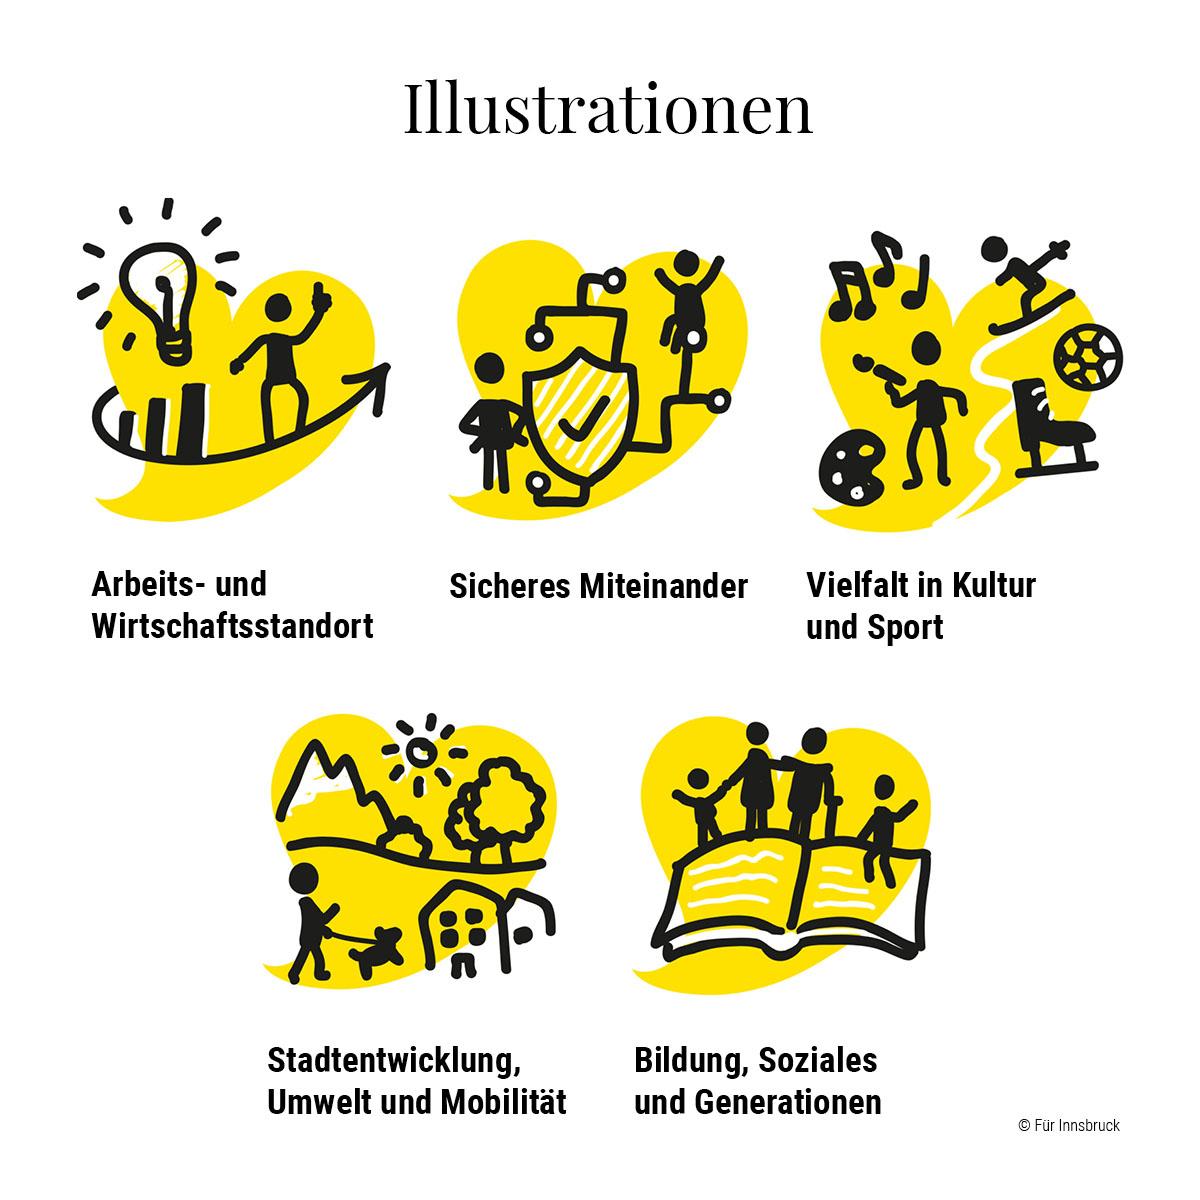 Illustrationen zu 5 verschiedenen Themen